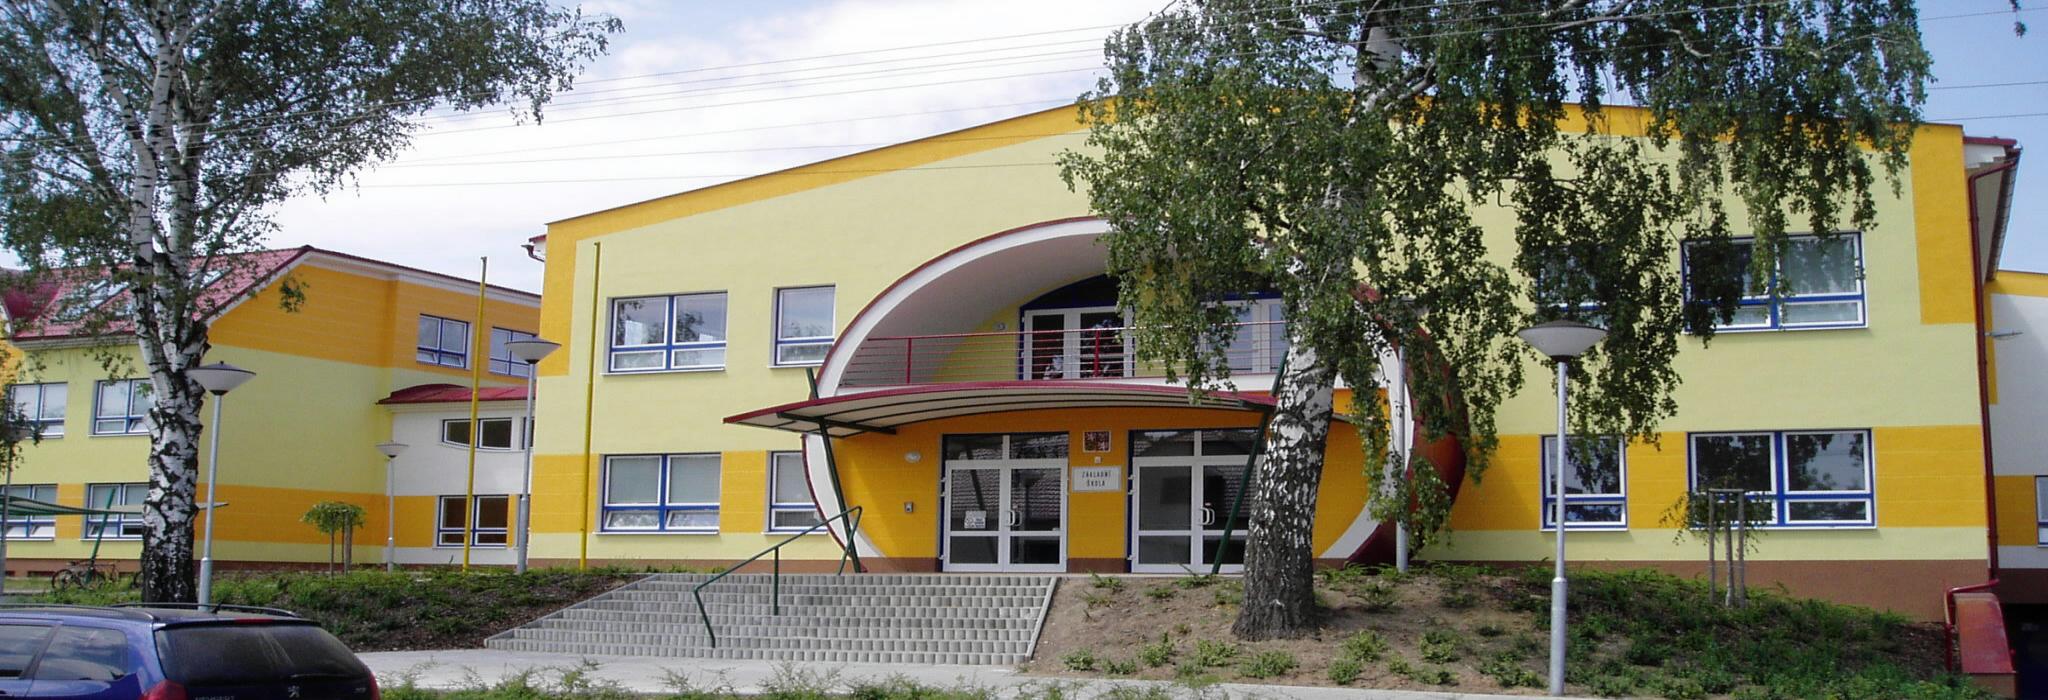 Základní škola - ROHATEC